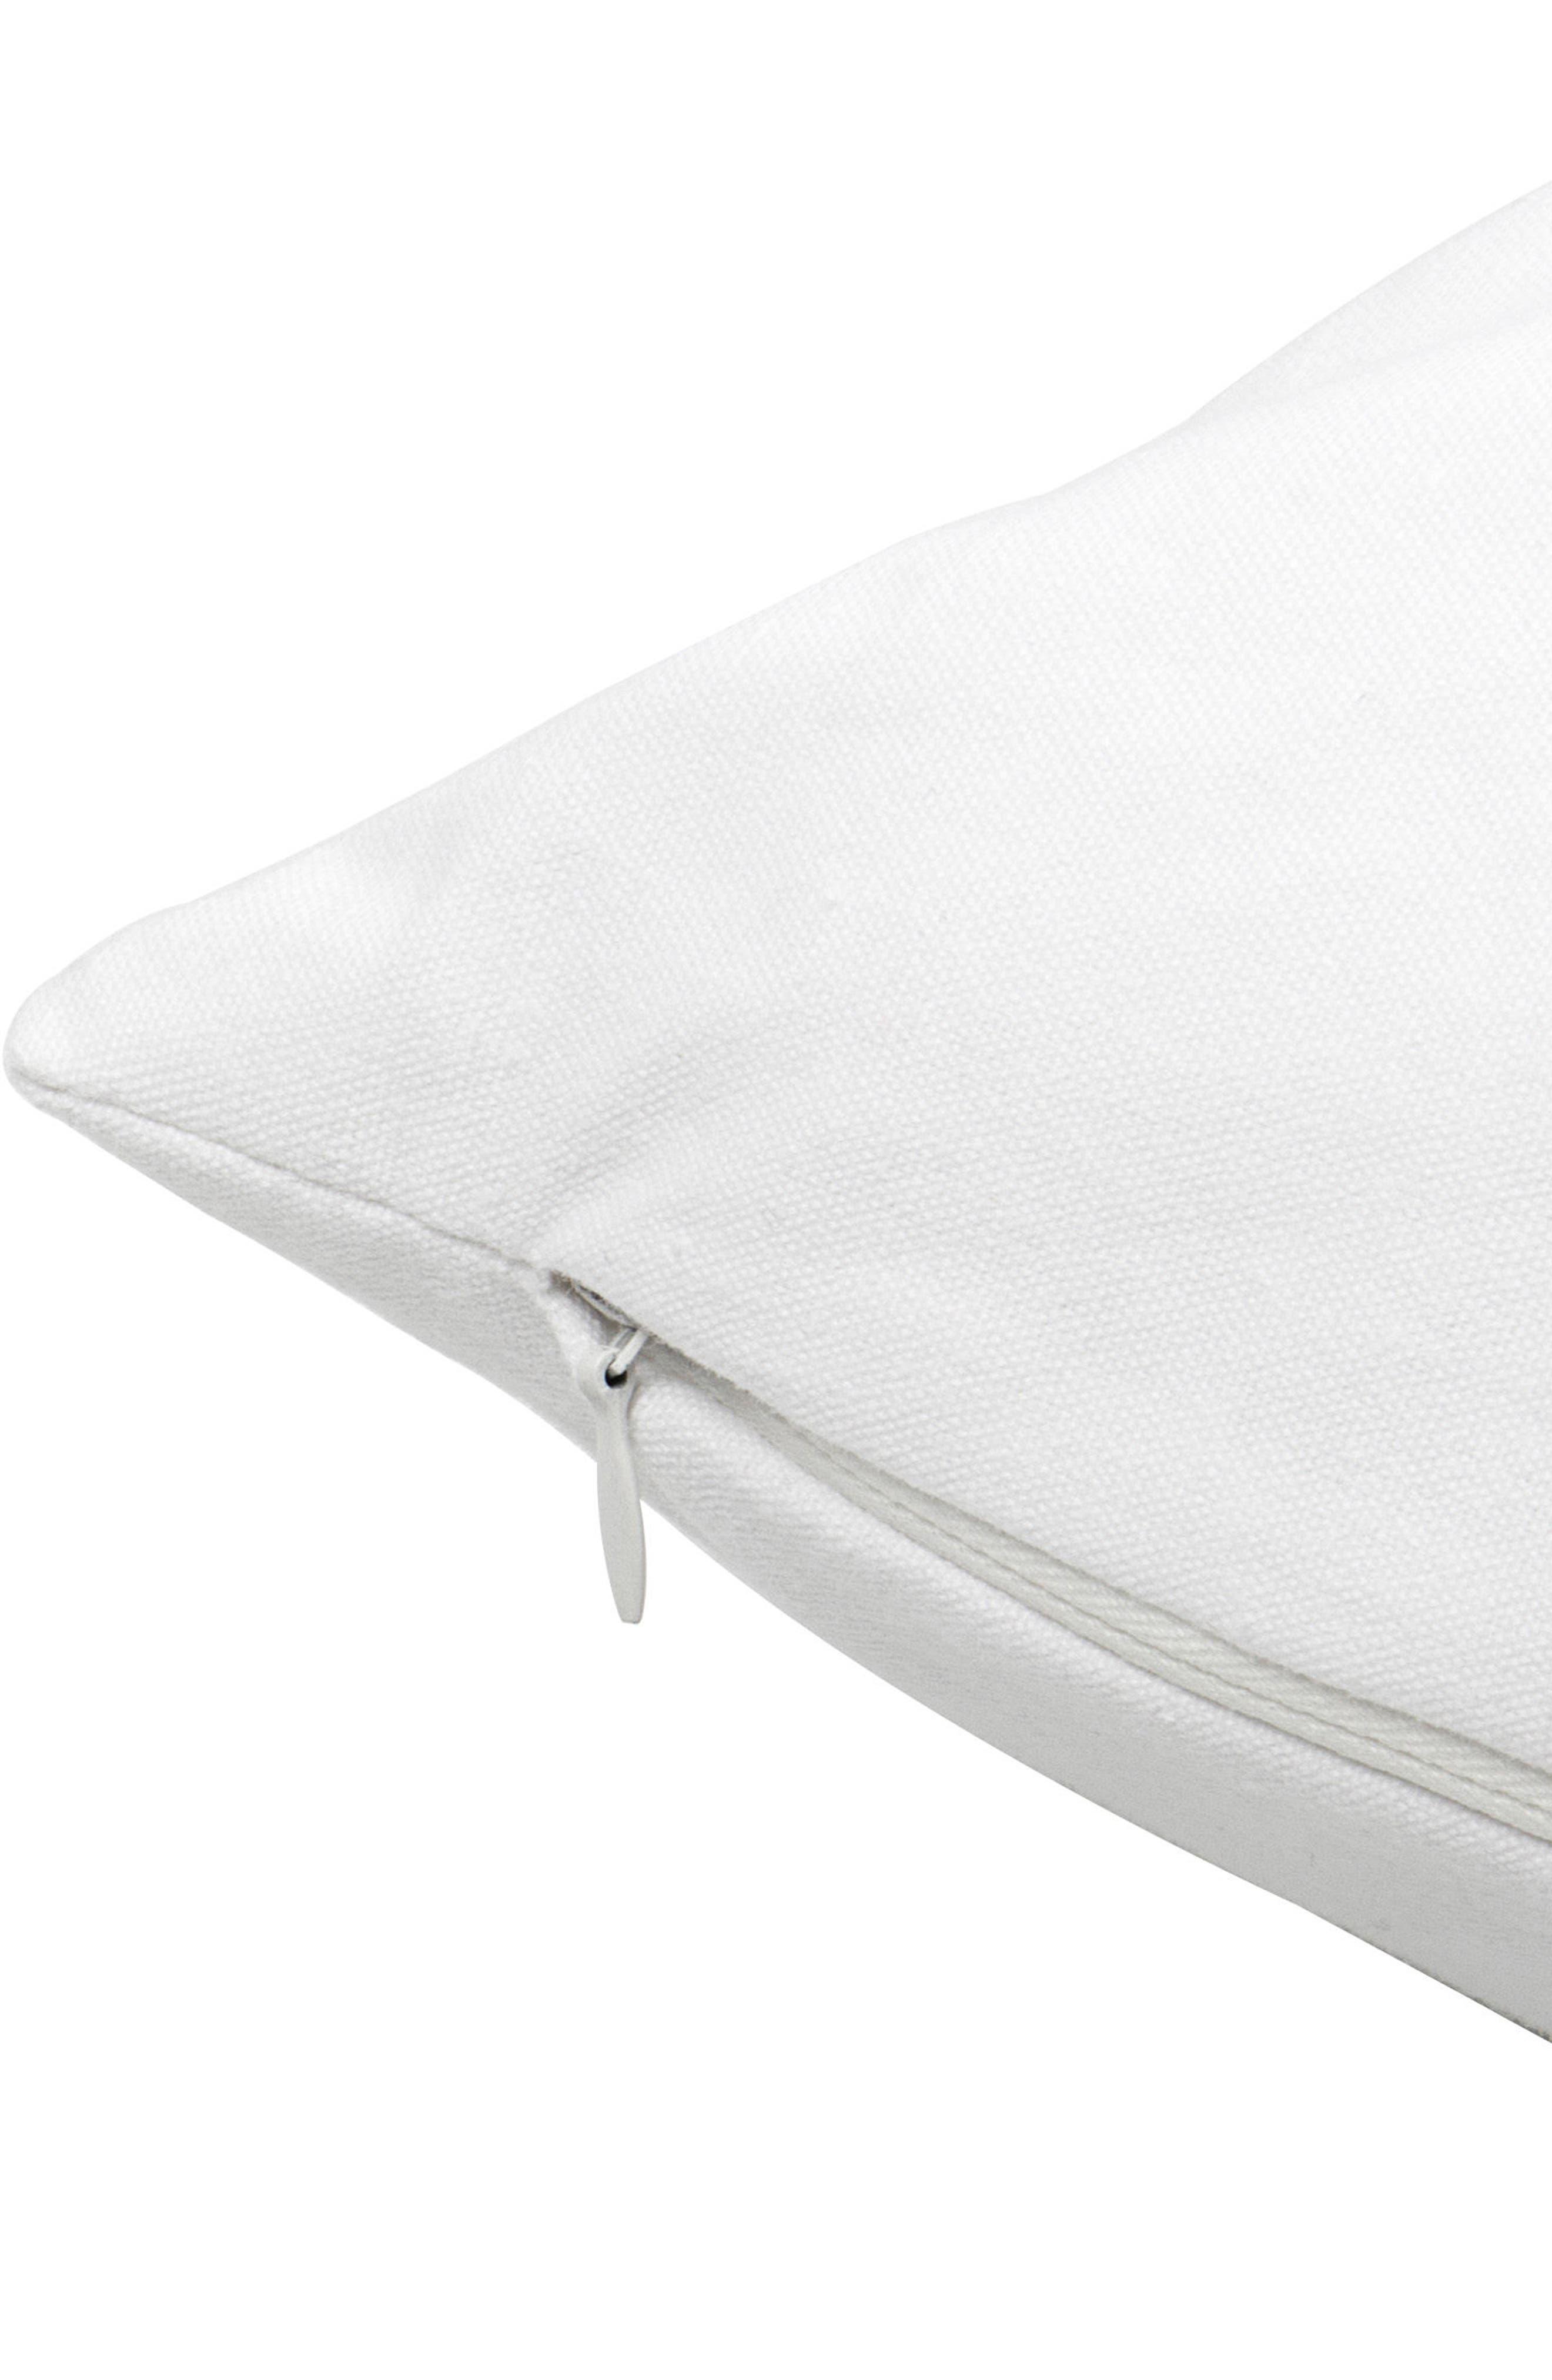 Palm Leaf Accent Pillow,                             Alternate thumbnail 2, color,                             300